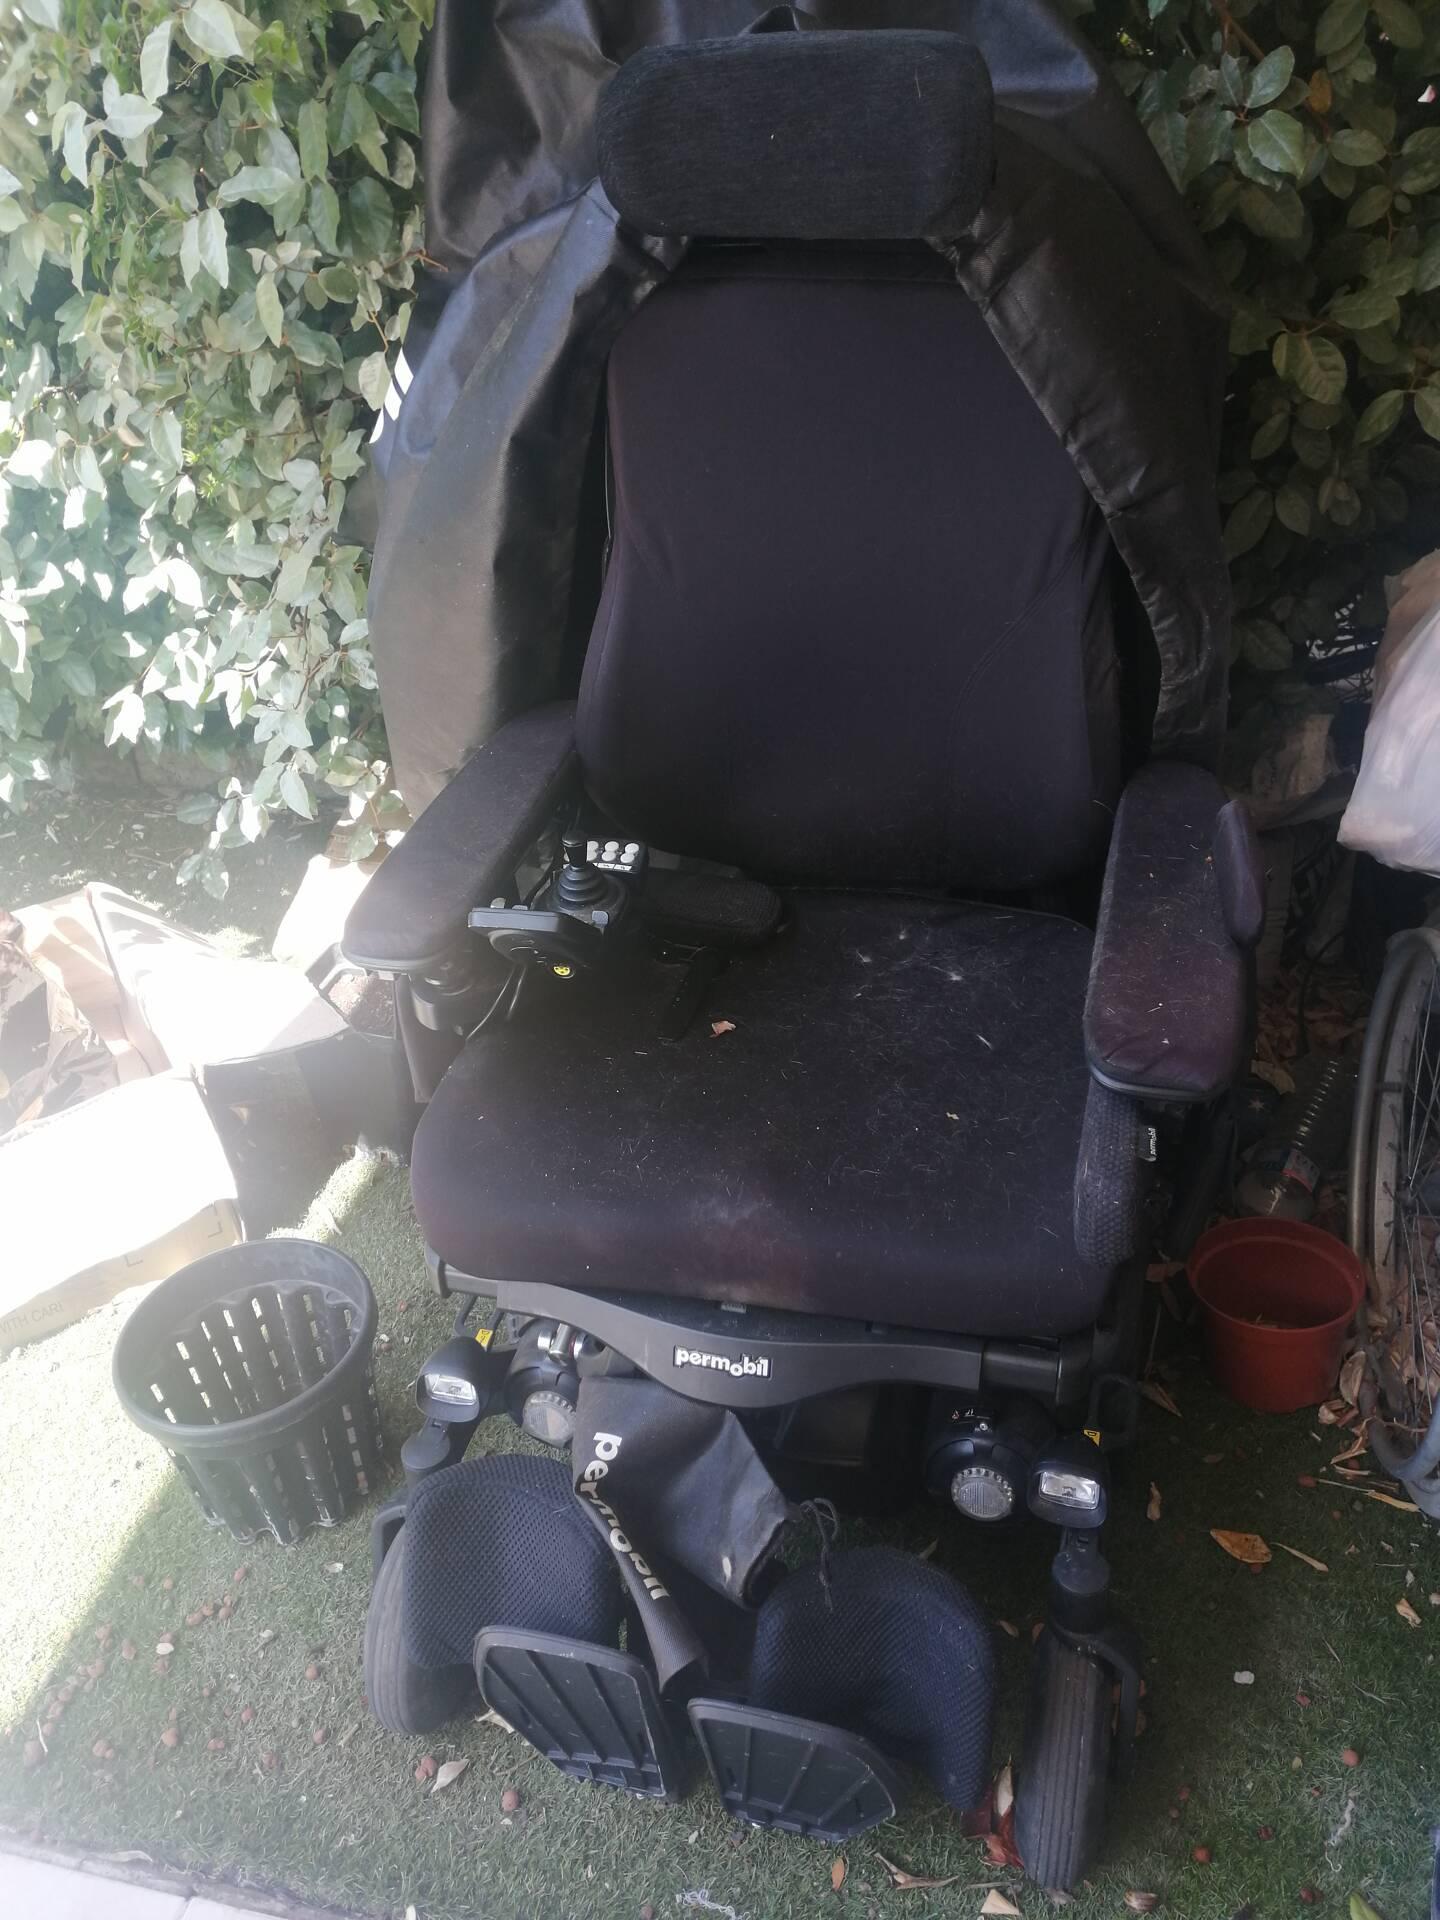 Le fauteuil non-conforme, qui ne peut donc être utilisé, attend d'être emporté sur la terrasse de l'appartement...